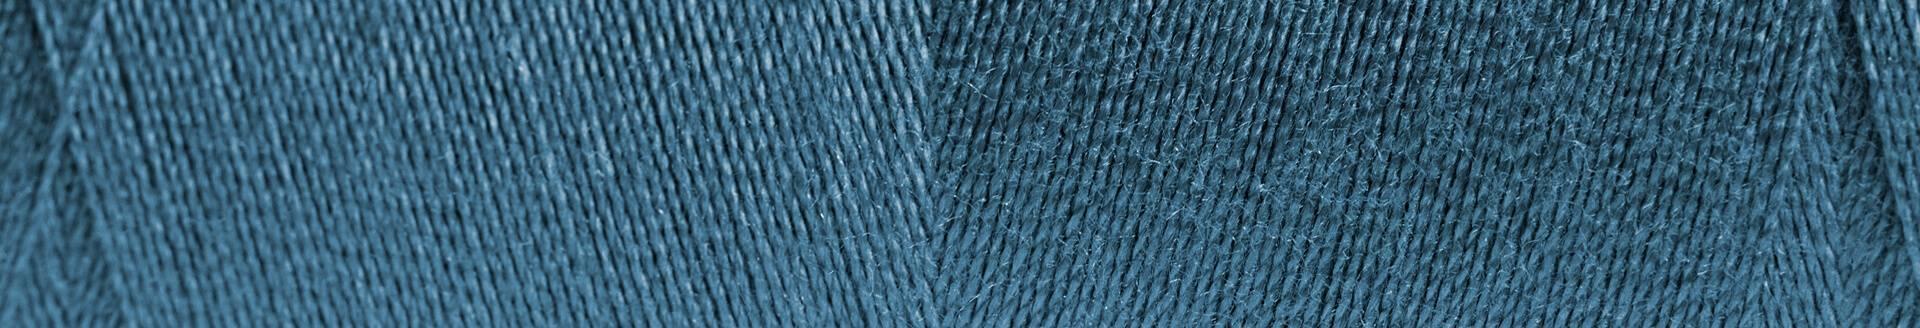 Venta de hilo para bordar metálico con efectos brillantes GUNOLD